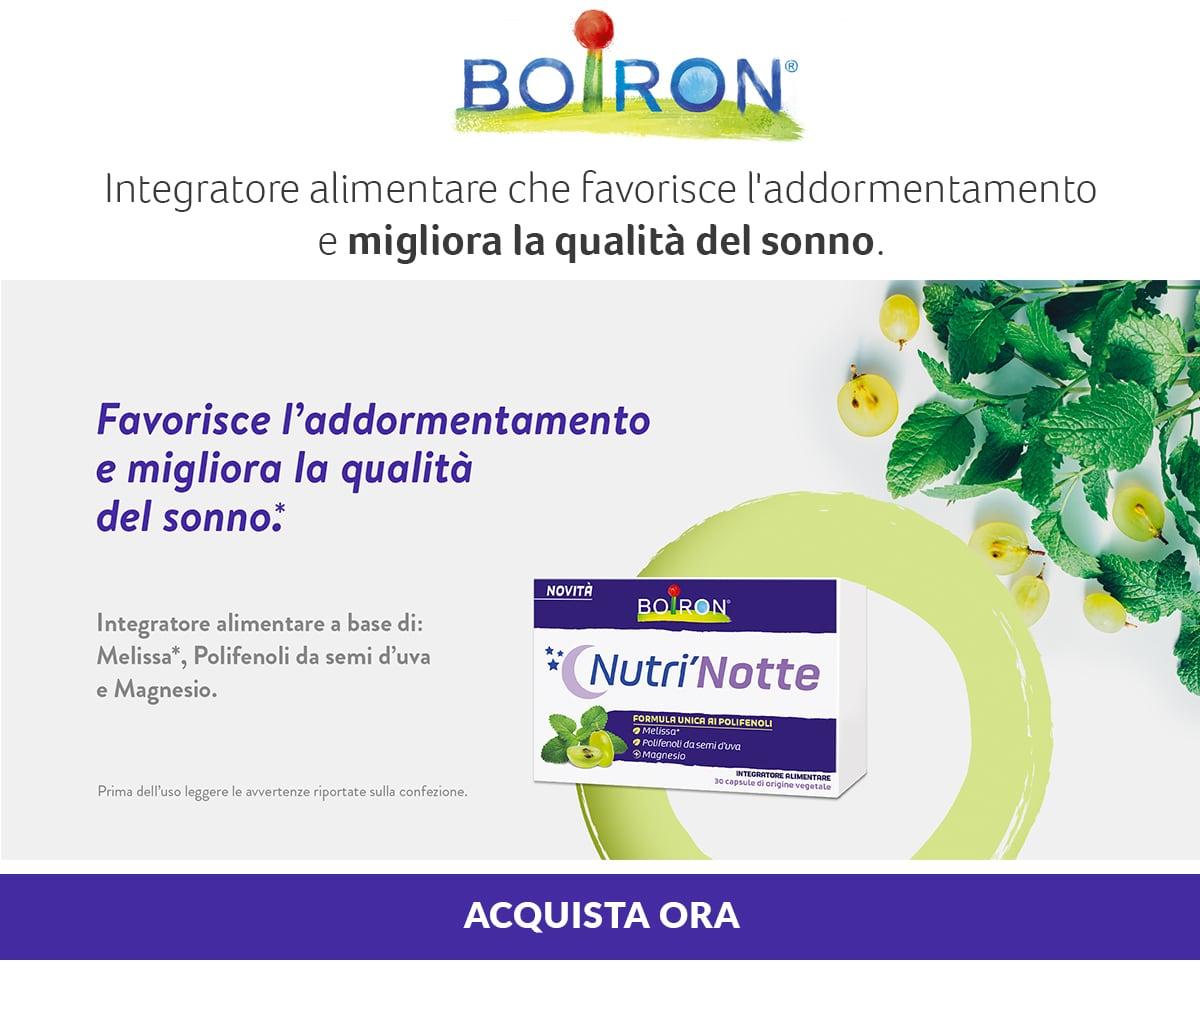 Boiron, Nutri Notte. Migliora la qualità del sonno